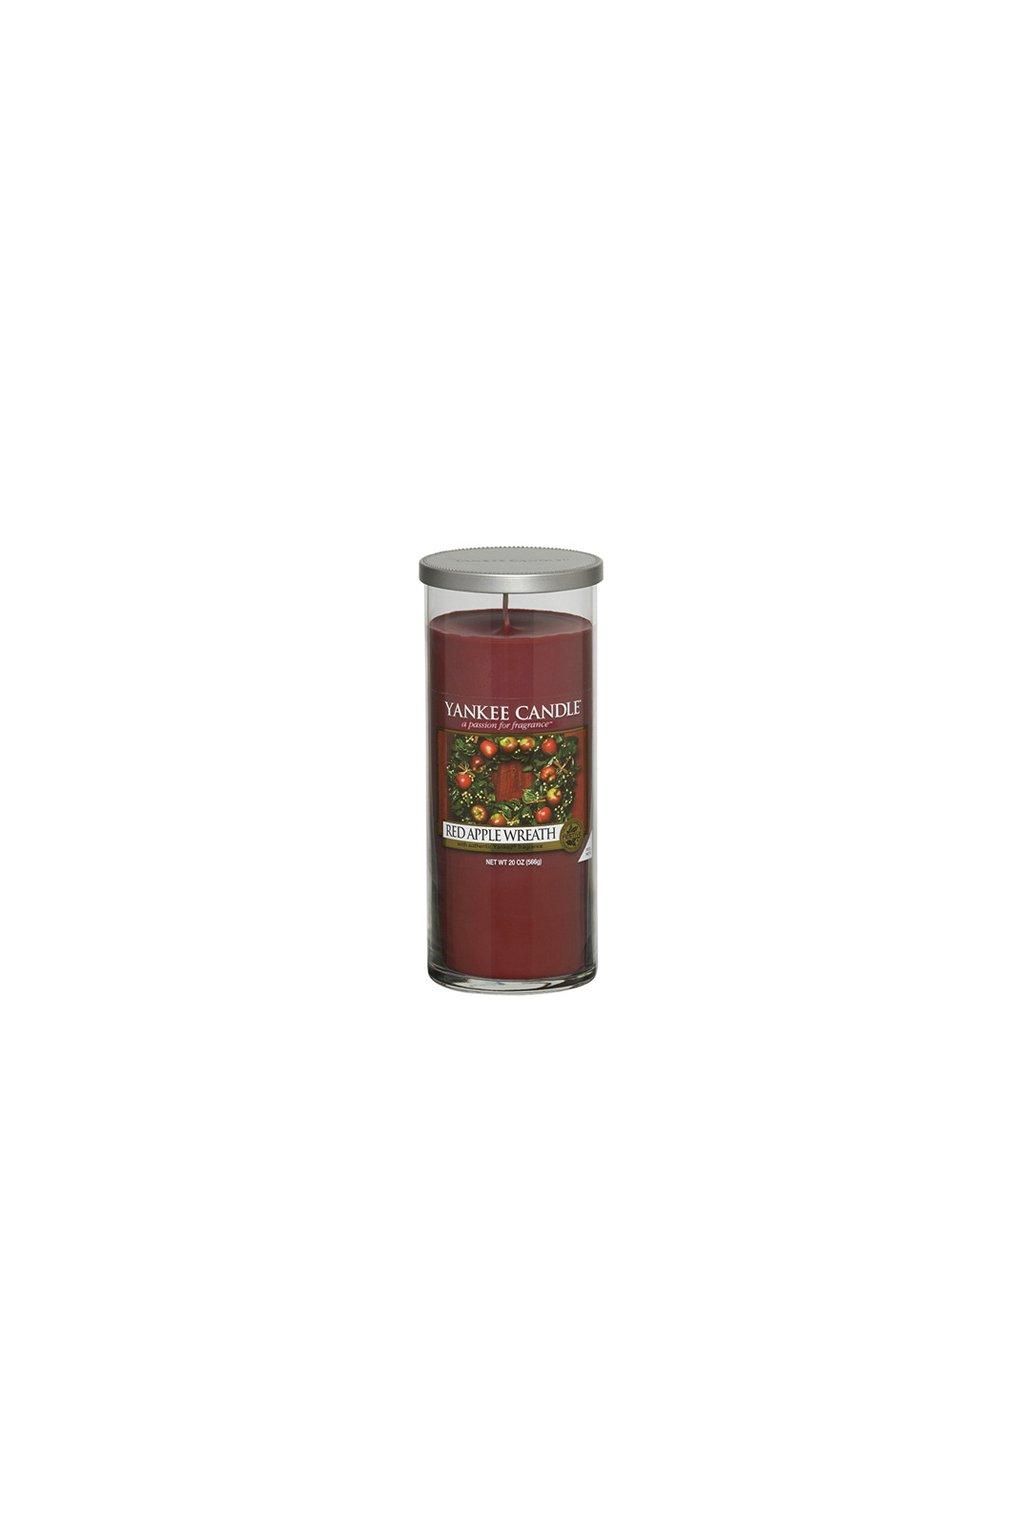 Svíčka ve skleněném válci Yankee Candle - Red Apple Wreath